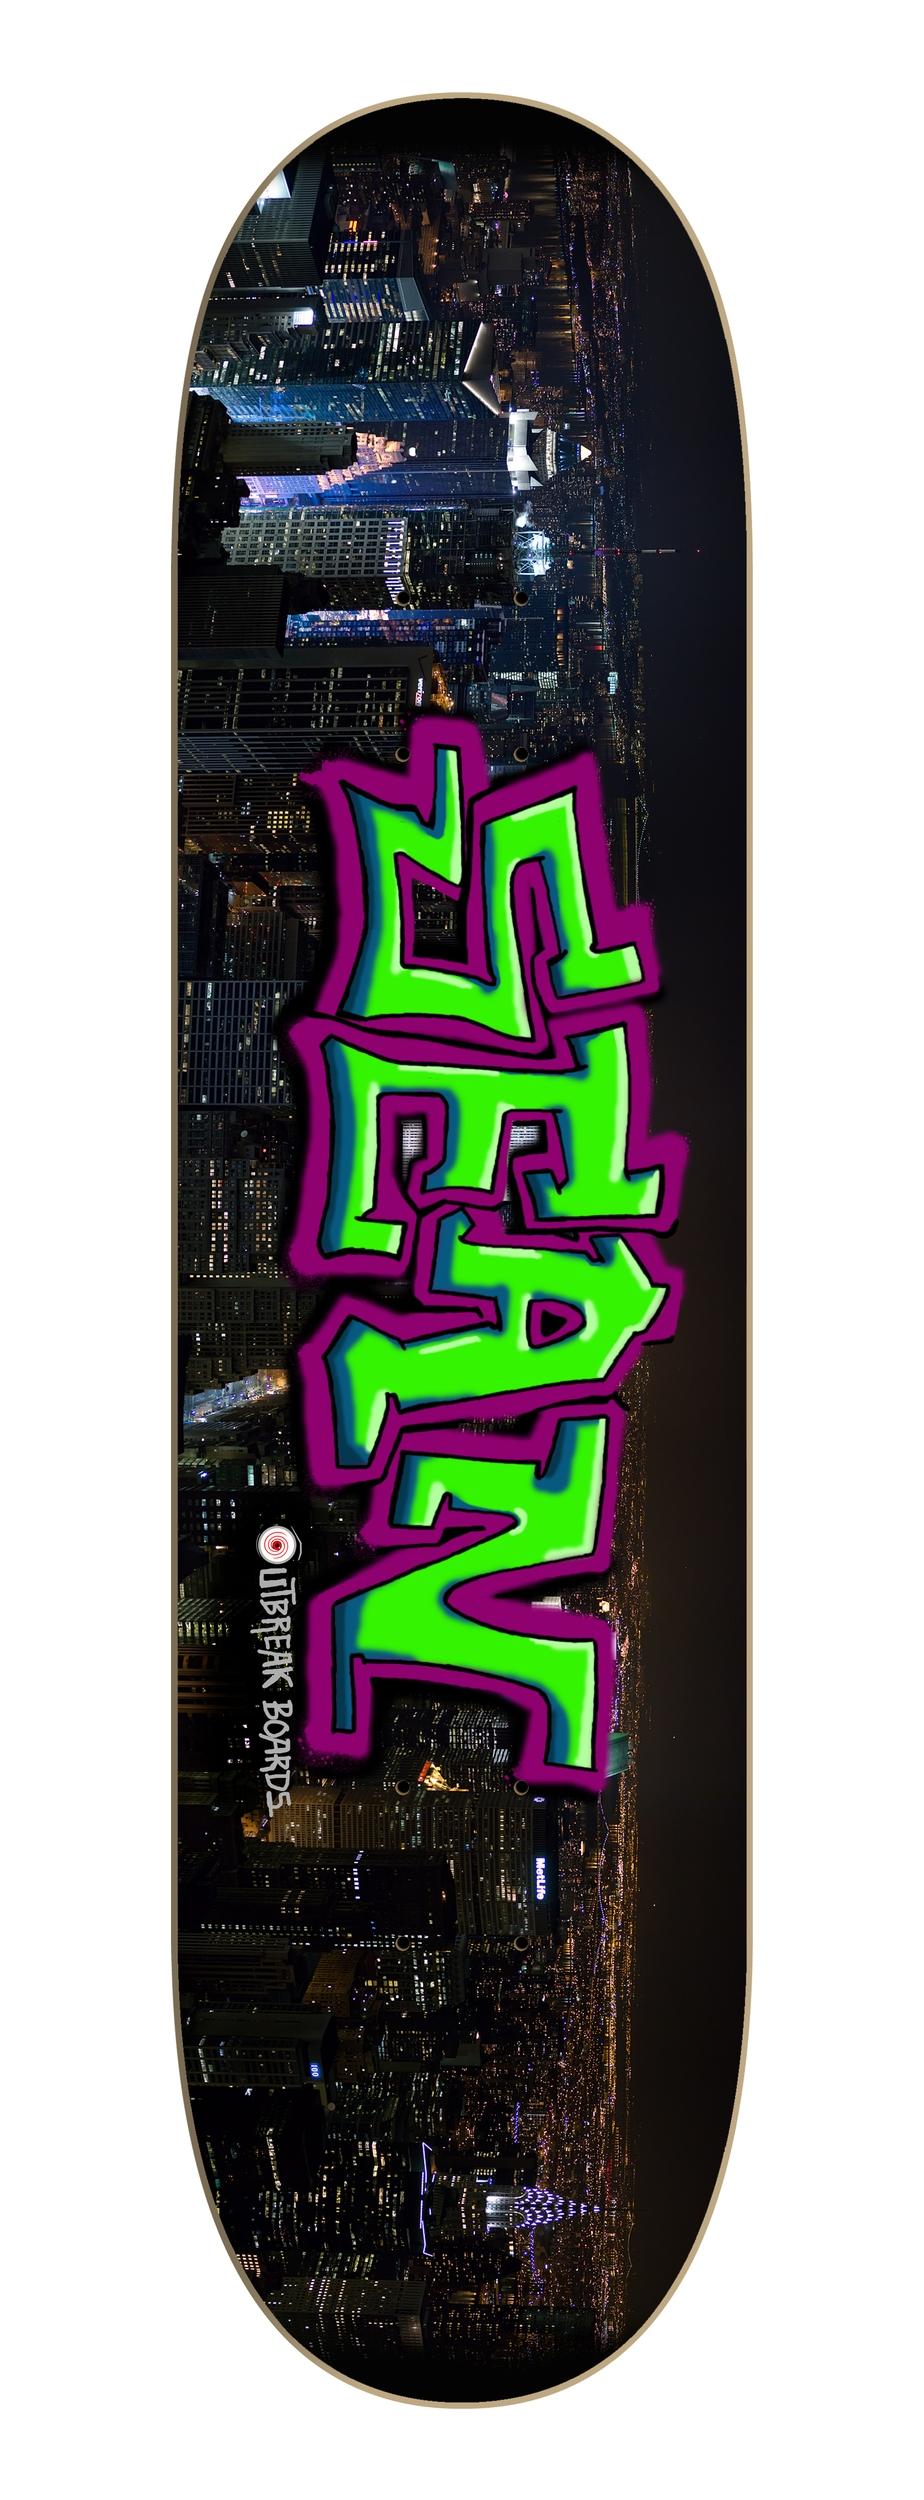 Cus Graffiti DECK.jpg